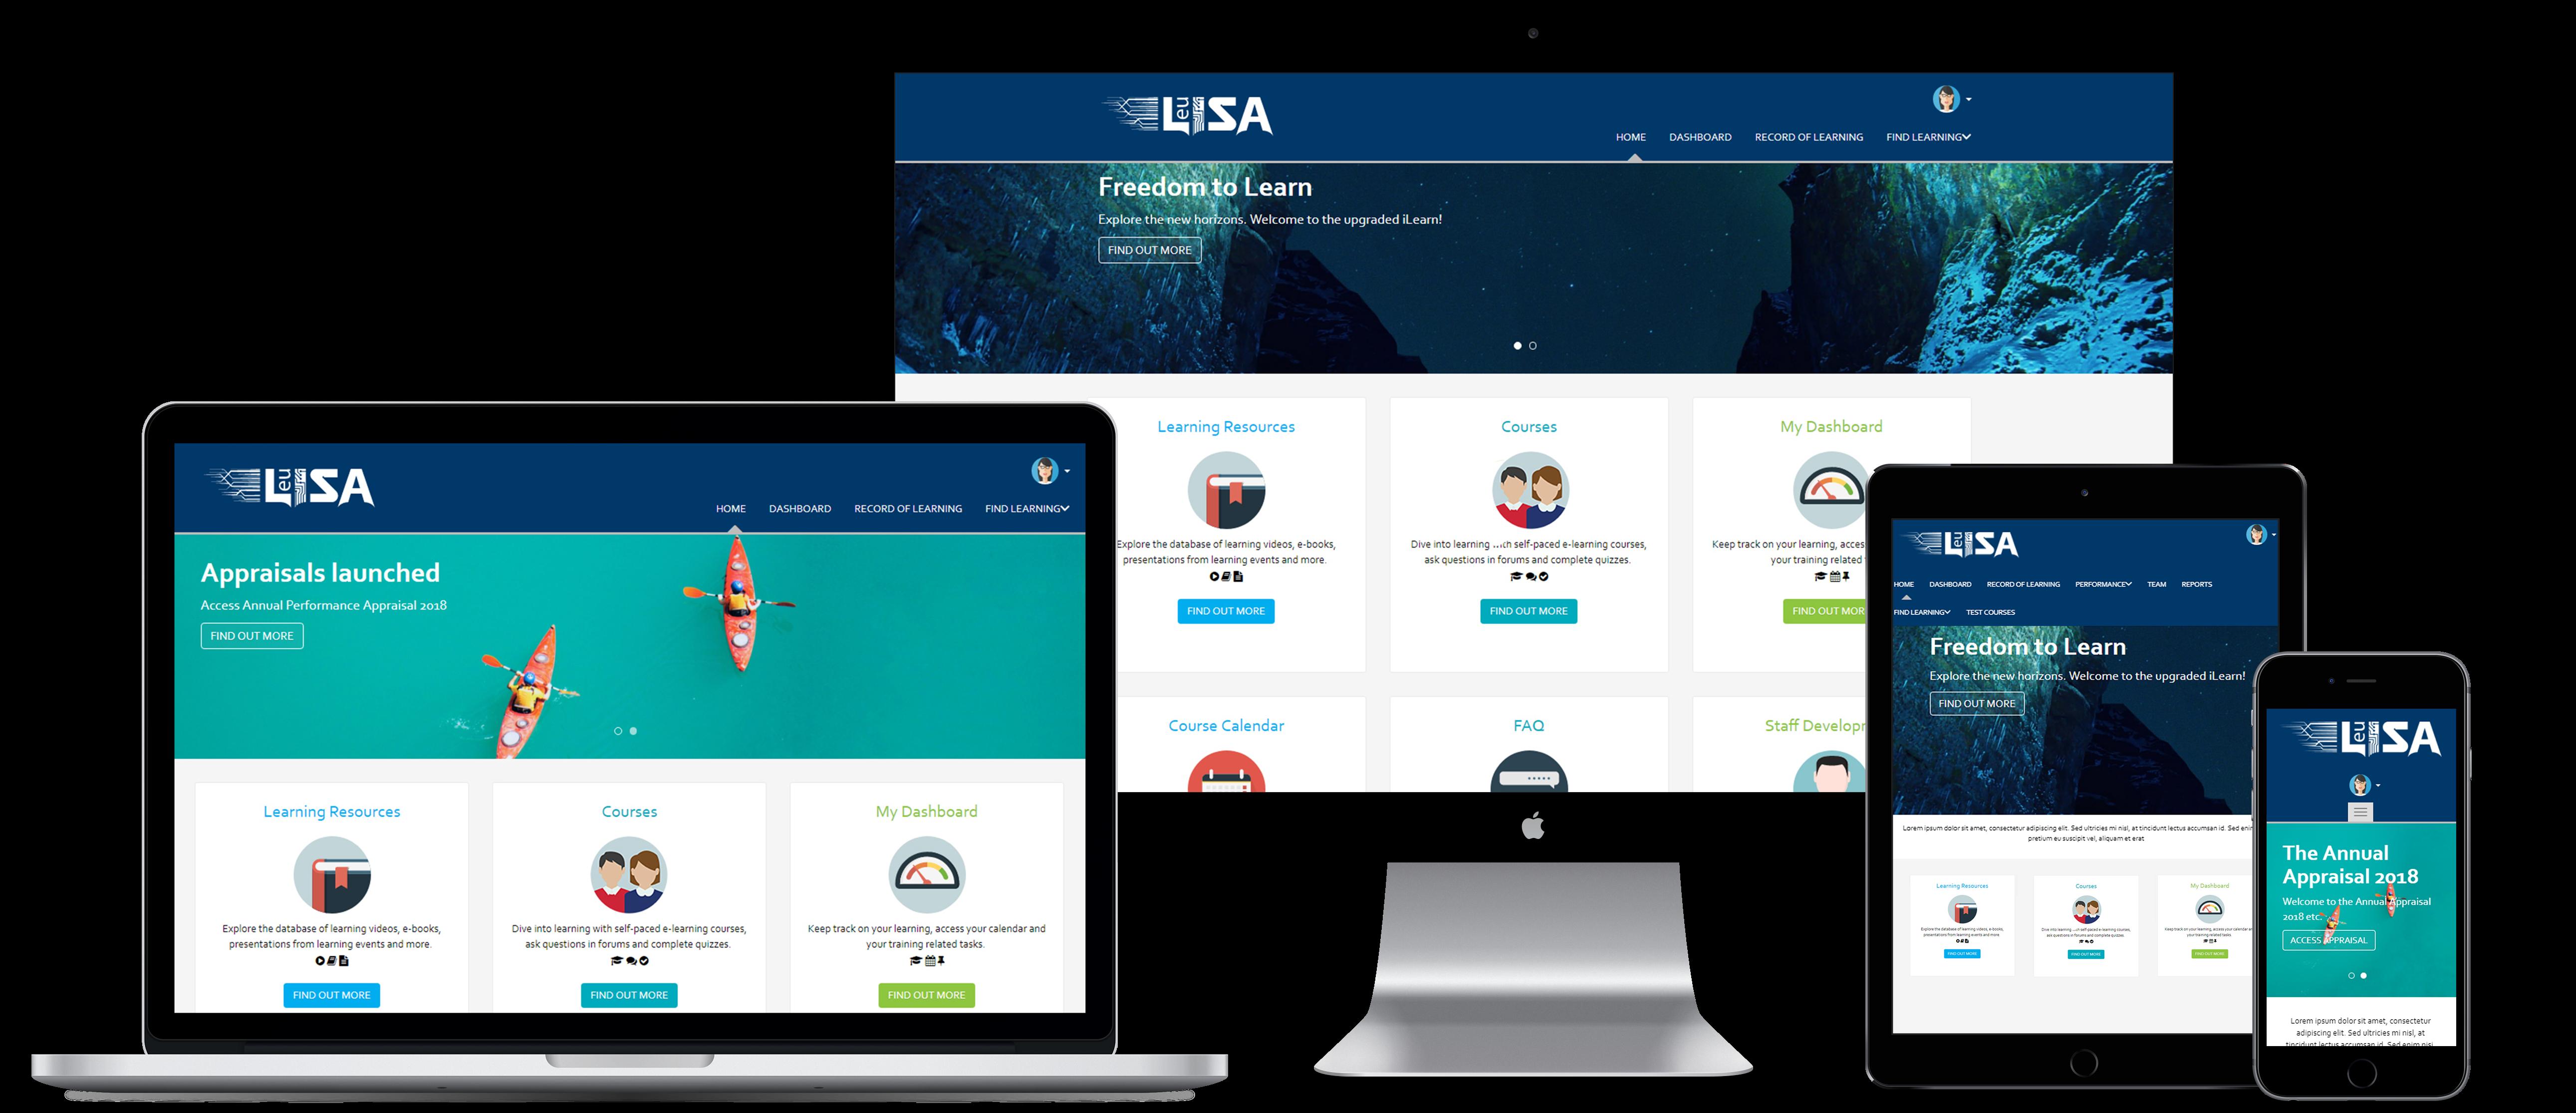 EU Lisa Totara theme